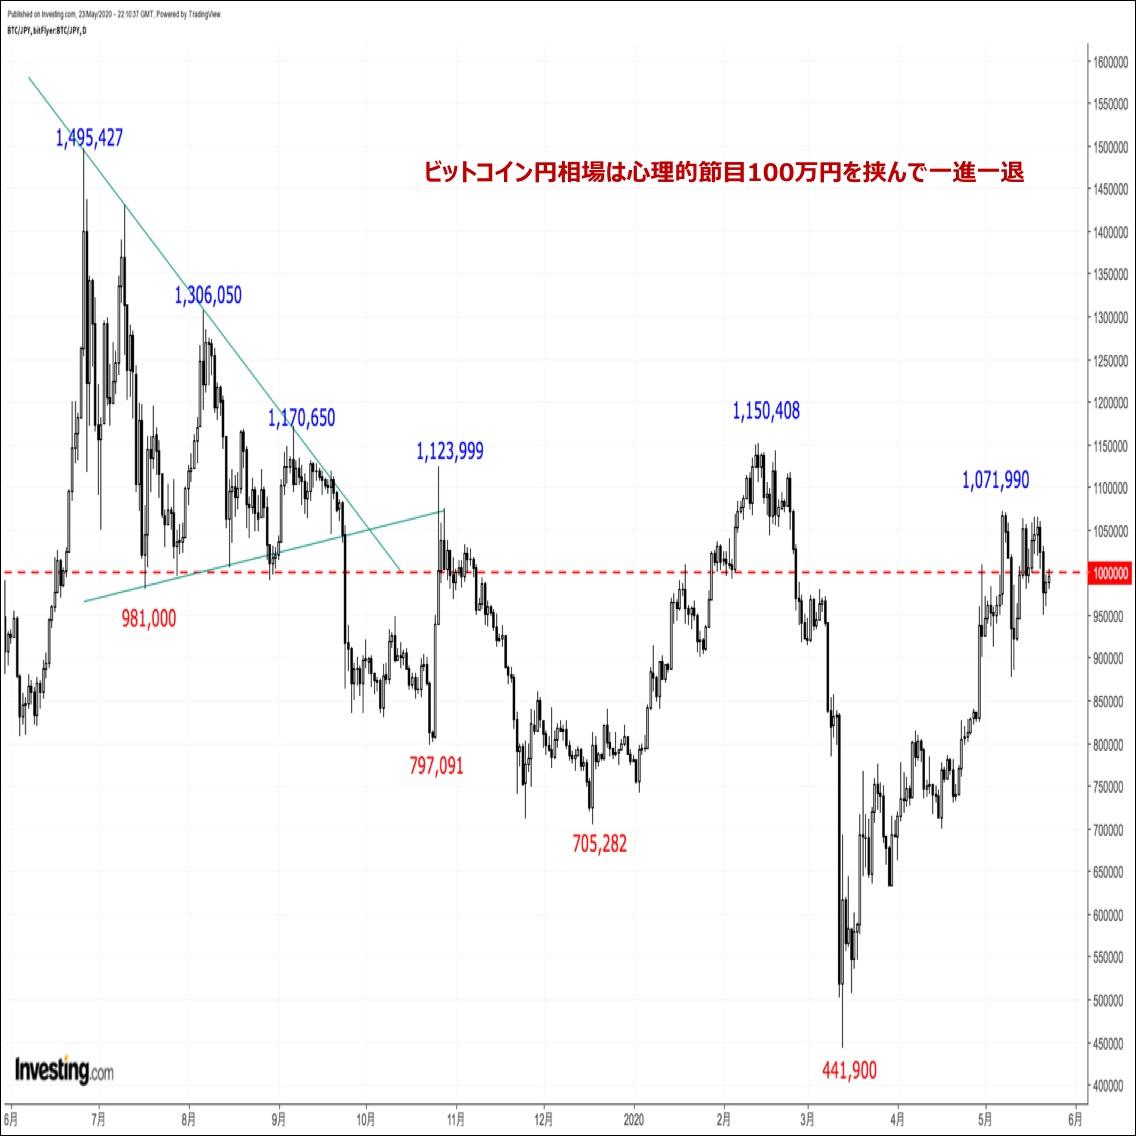 ビットコインの価格分析:『ハッシュレートの低下を受けて節目100万円を割り込む展開』(5/24)